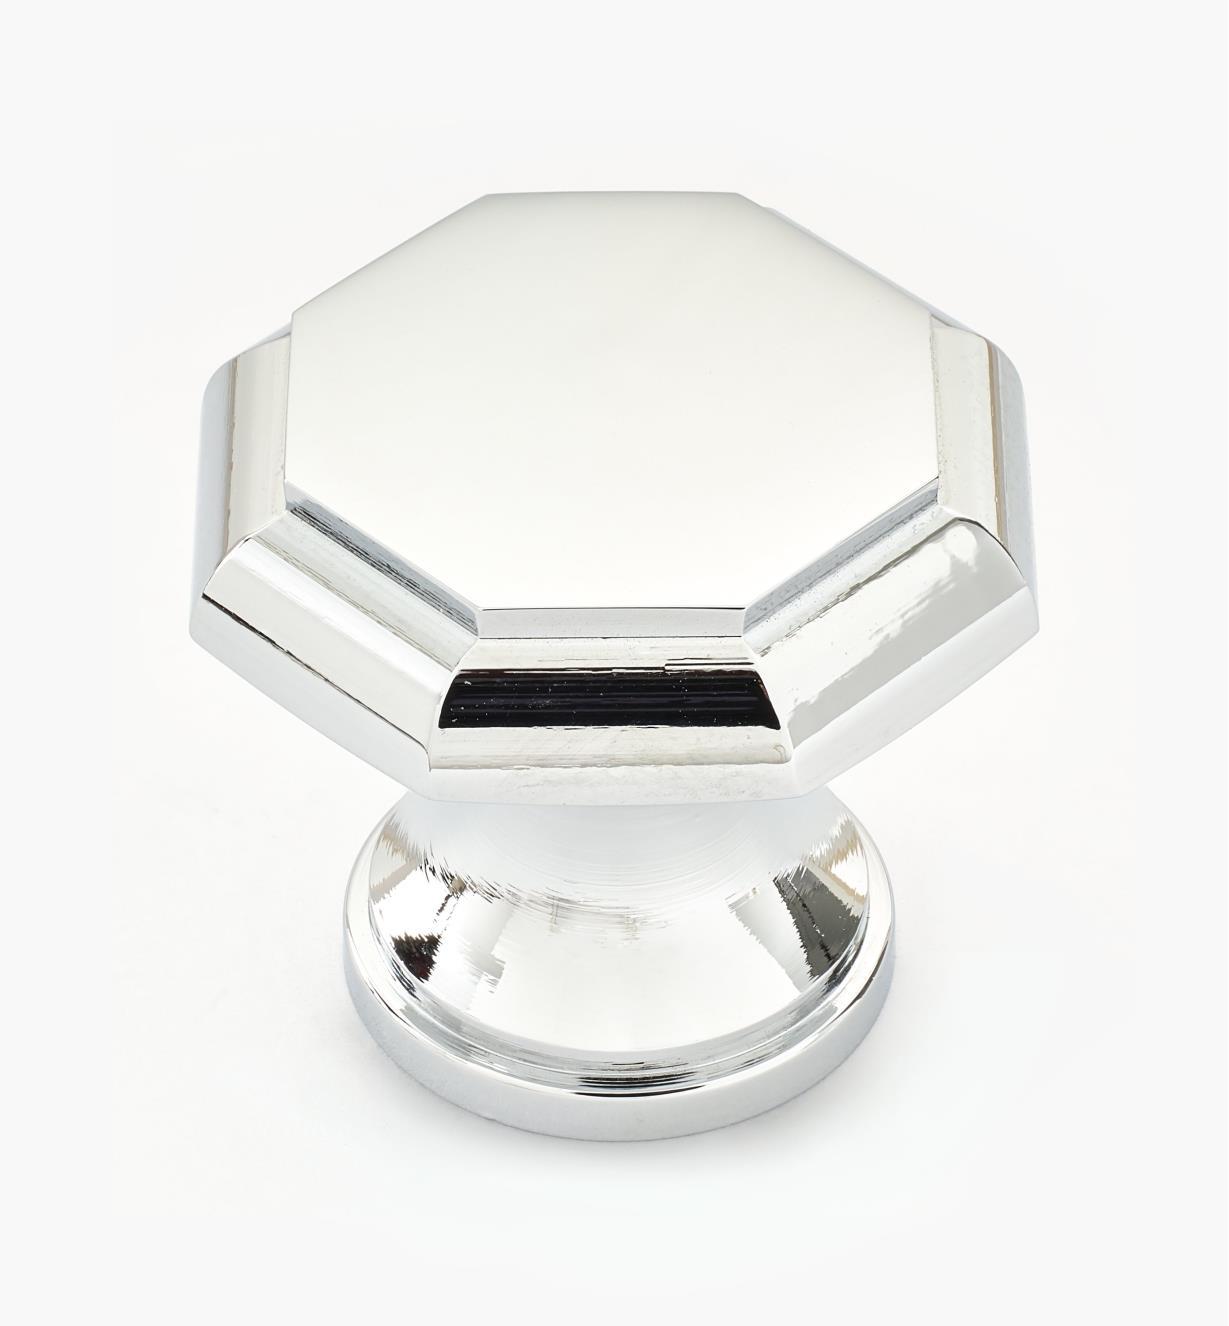 """01W1201 - 1 1/8"""" x 1"""" Chrome Plate Octagonal Knob"""